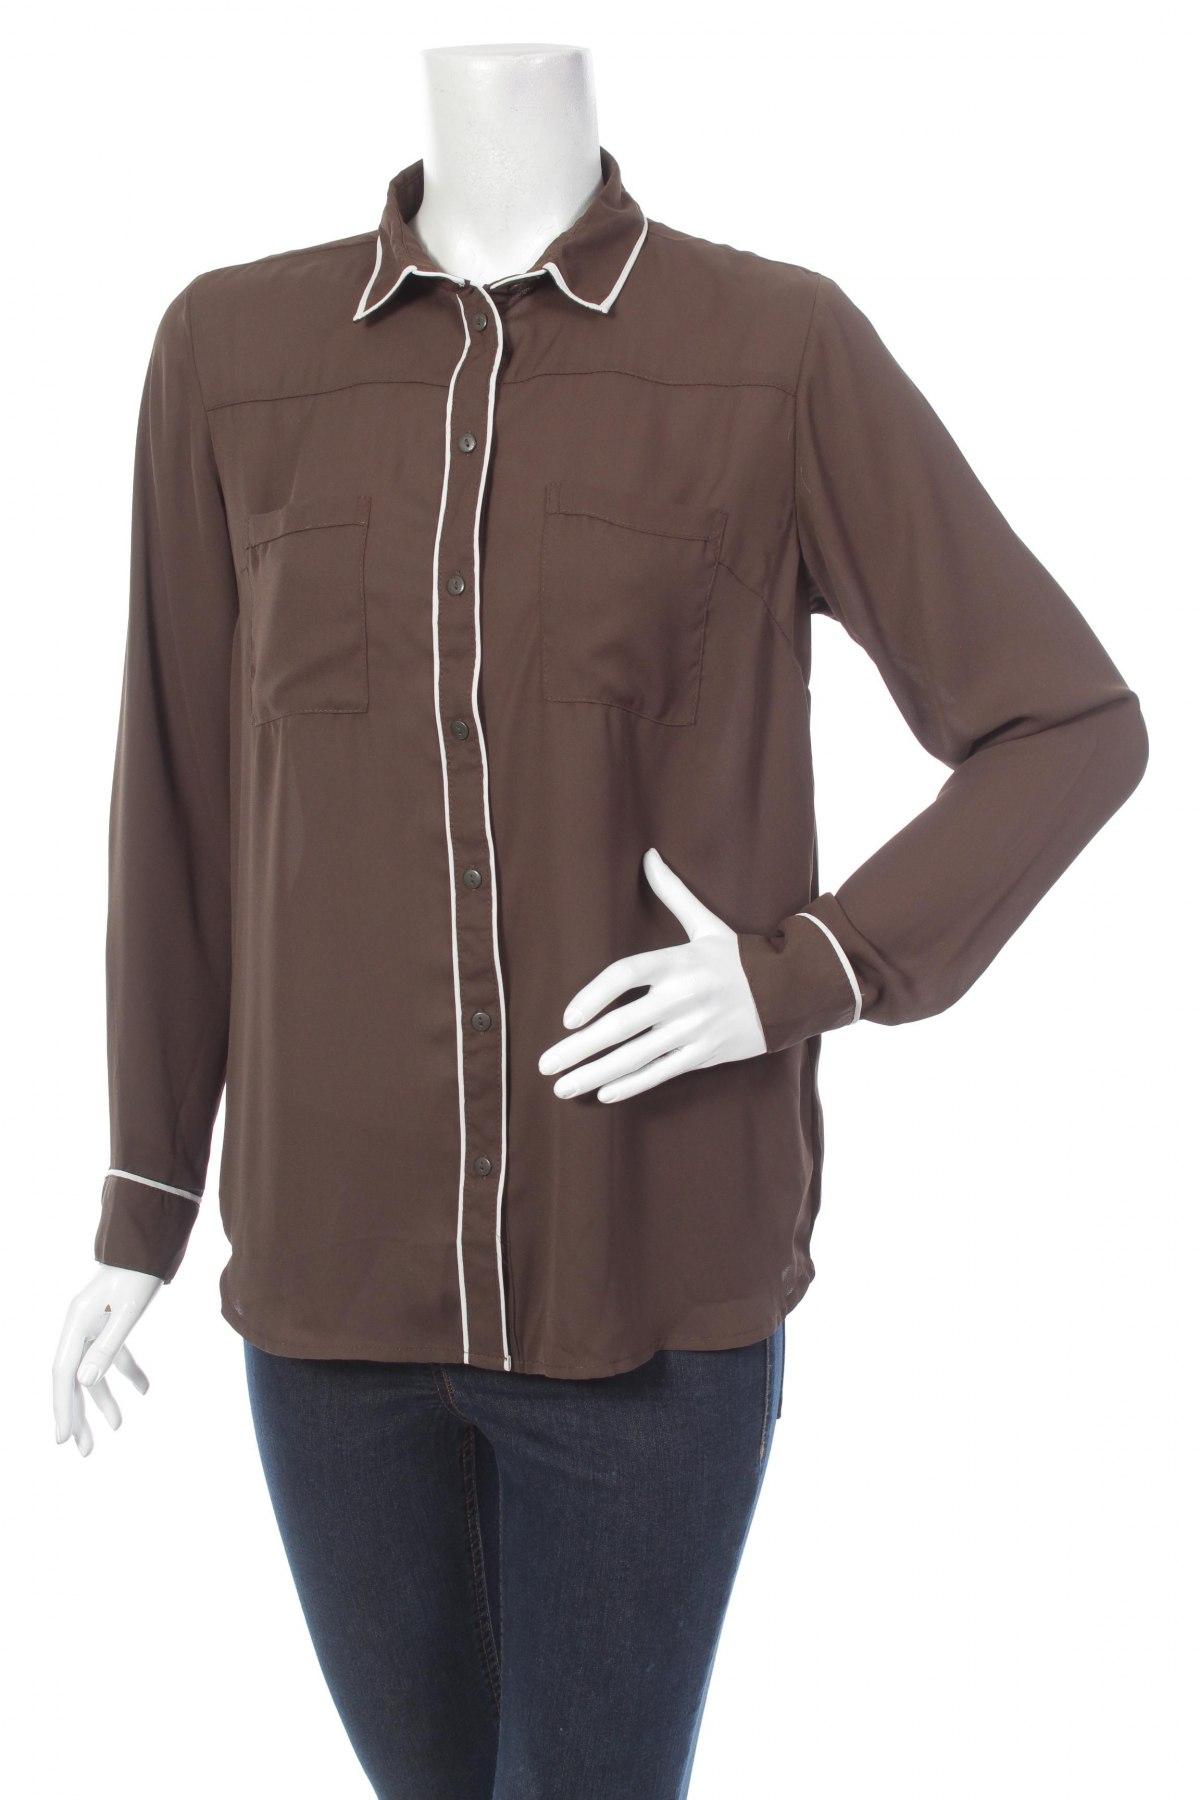 Γυναικείο πουκάμισο Amisu, Μέγεθος M, Χρώμα Πράσινο, Πολυεστέρας, Τιμή 18,56€